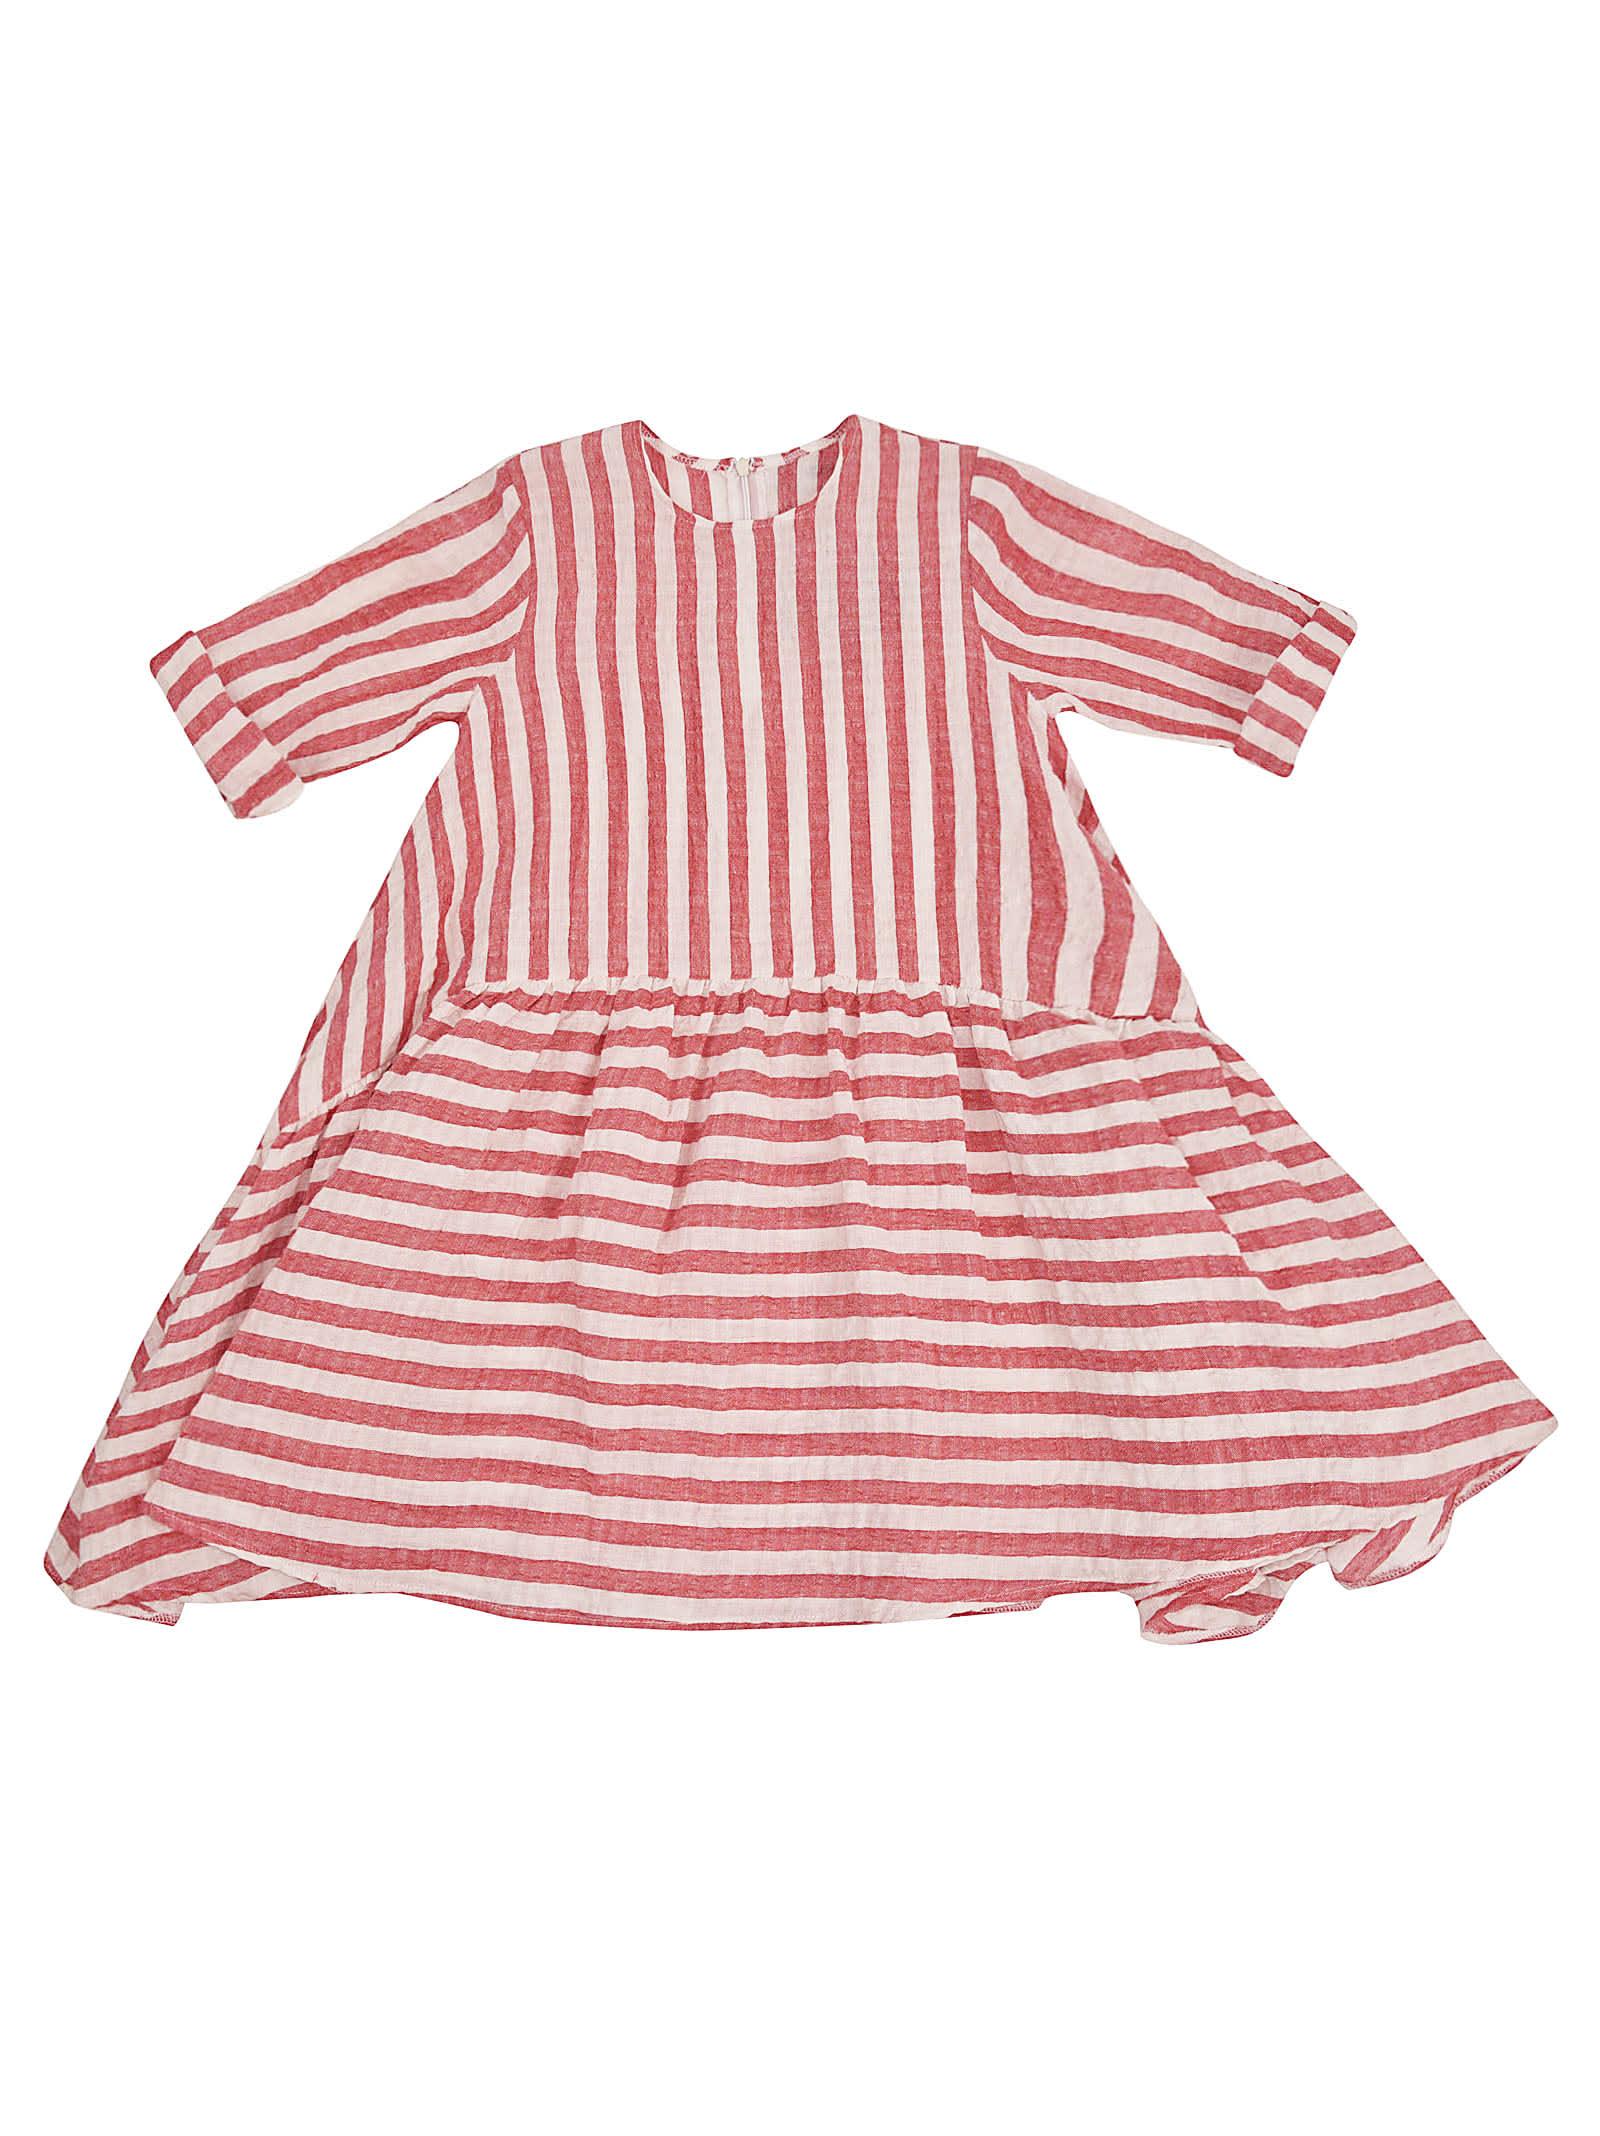 Cucù Lab Striped Dress